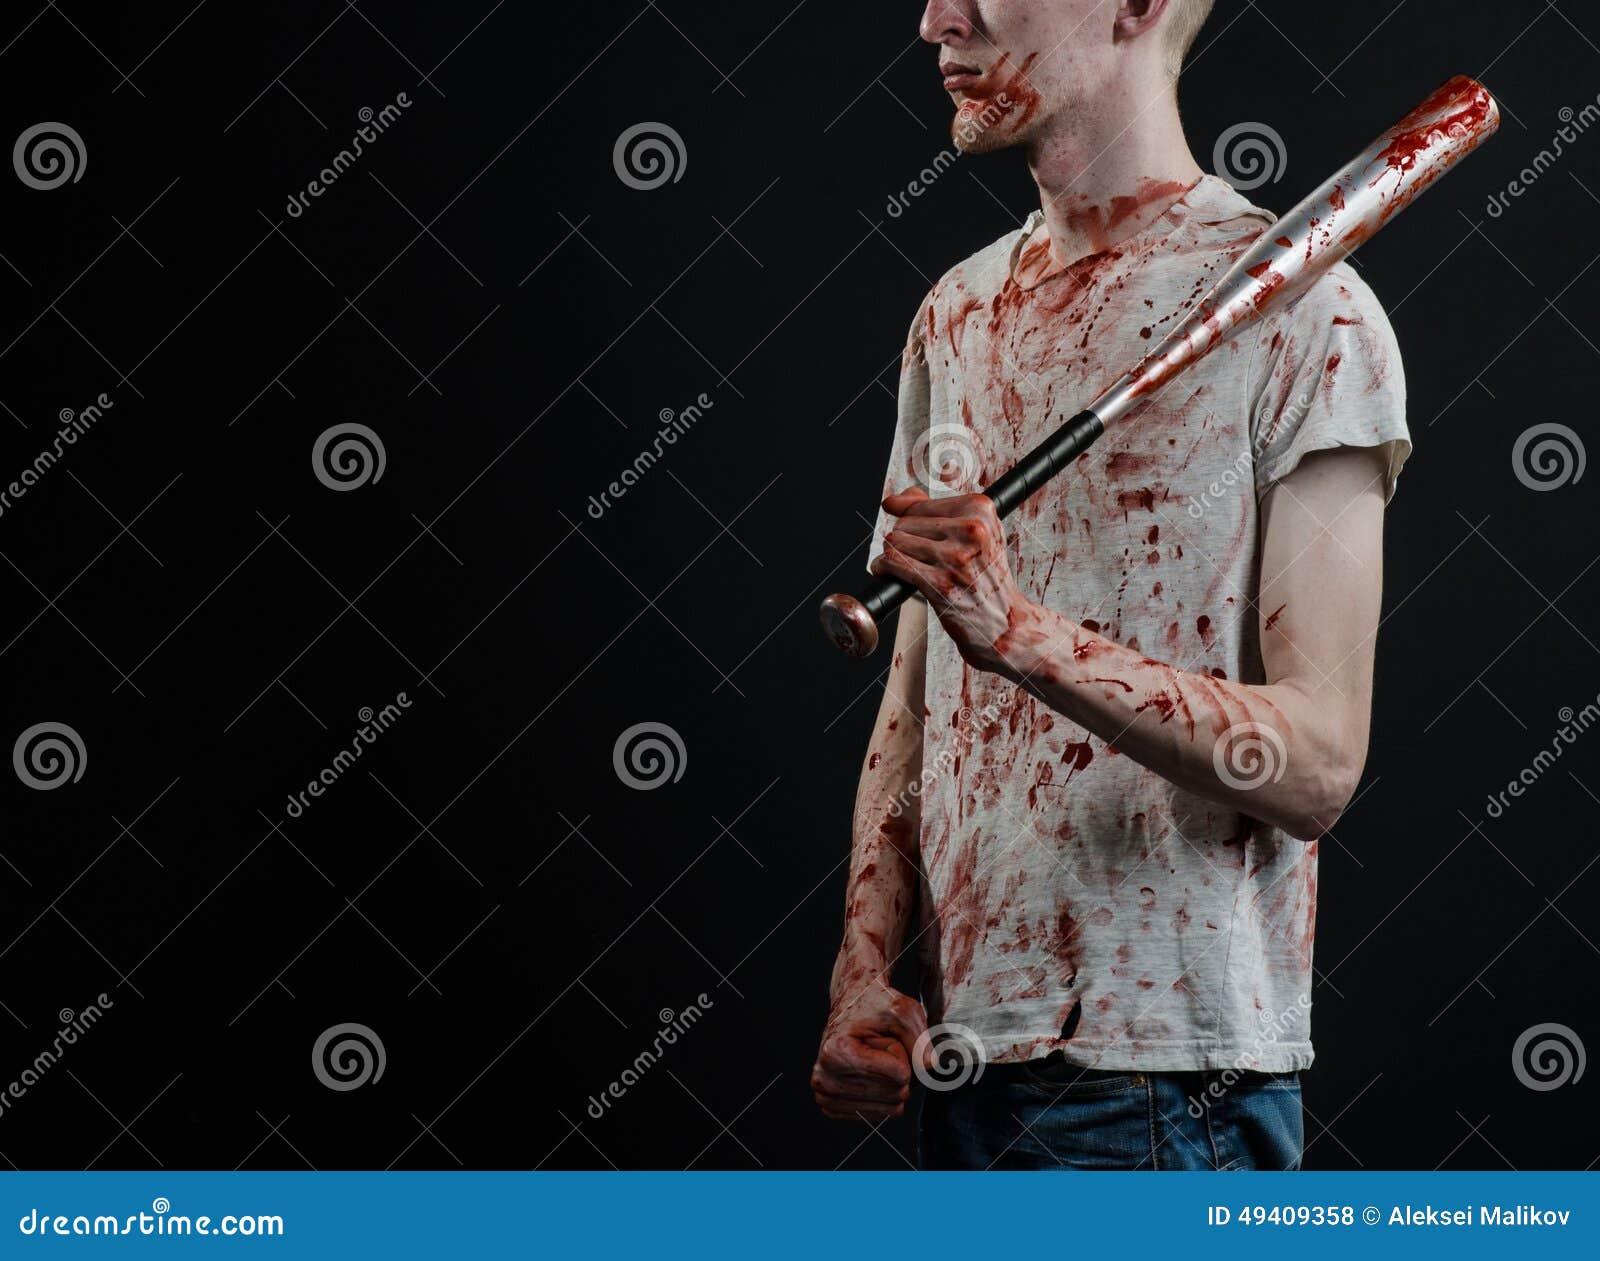 Download Blutiges Thema: Der Kerl In Einem Blutigen T-Shirt, Das Einen Blutigen Schläger Auf Einem Schwarzen Hintergrund Hält Stockfoto - Bild von kriminell, rowdy: 49409358